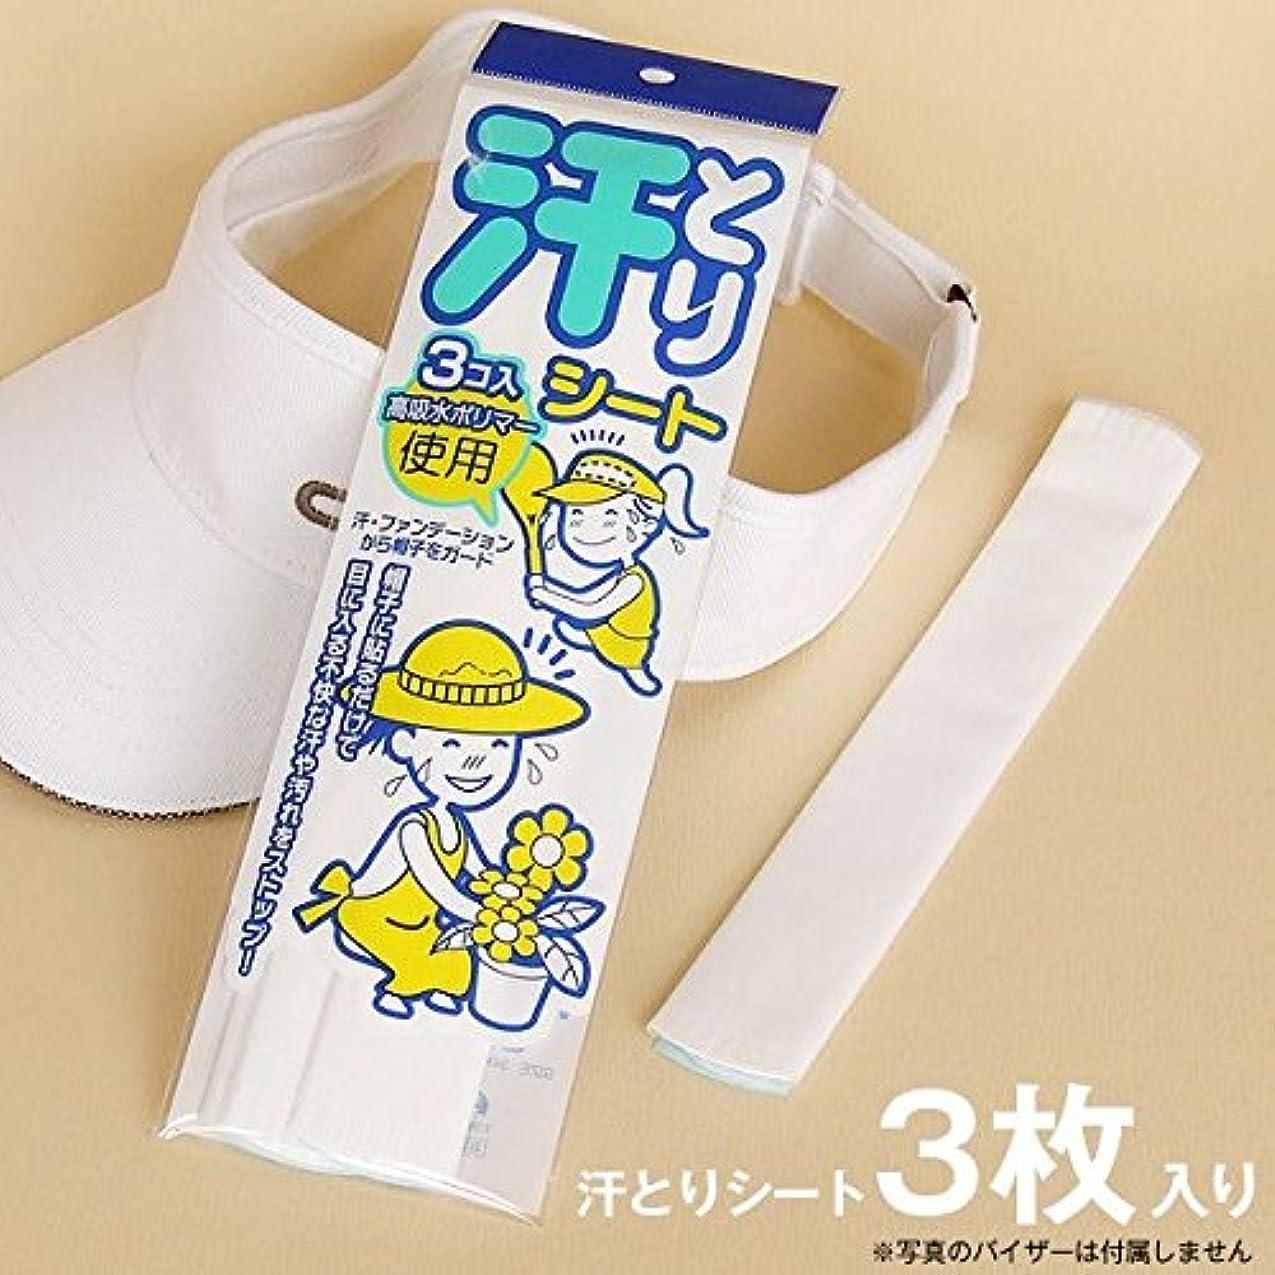 アレンジ先入観セクション汗取りシート 高吸水ポリマー 使用 帽子 サンバイザー ヘルメット インナー ファンデーション付着 防止 シャツ えり(日本製) (3個入り×3パック)